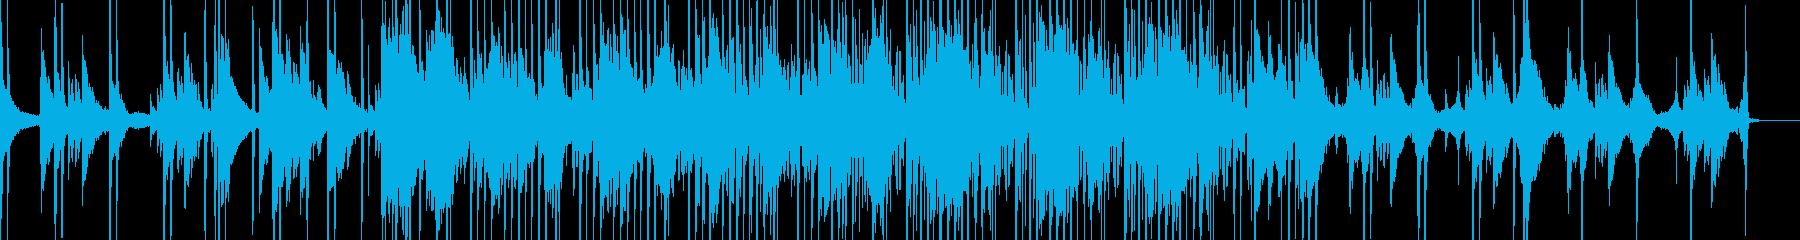 ノスタルジックなヒップホップの再生済みの波形